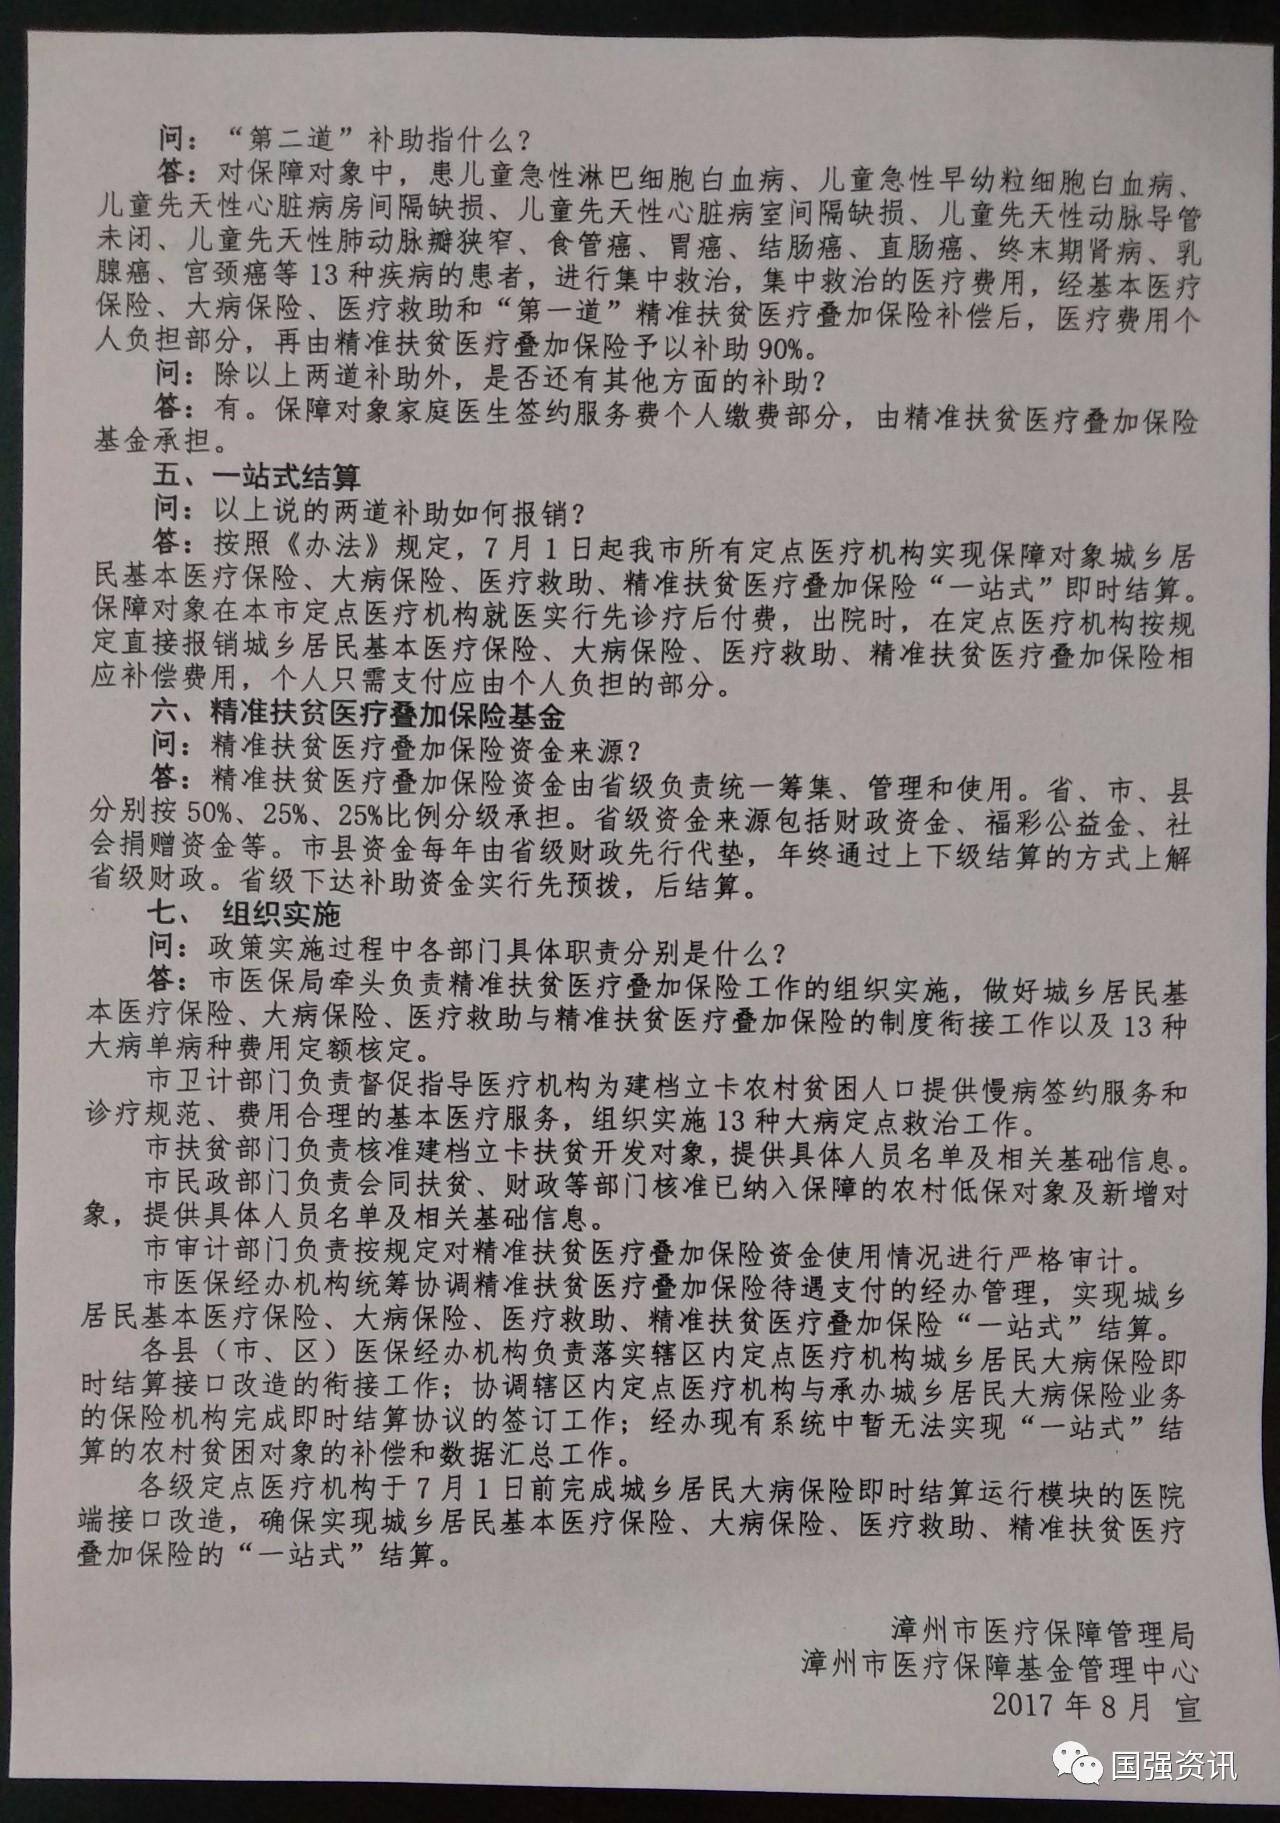 《漳州市精准扶贫医疗叠加保险实施办法》 政策宣传问答